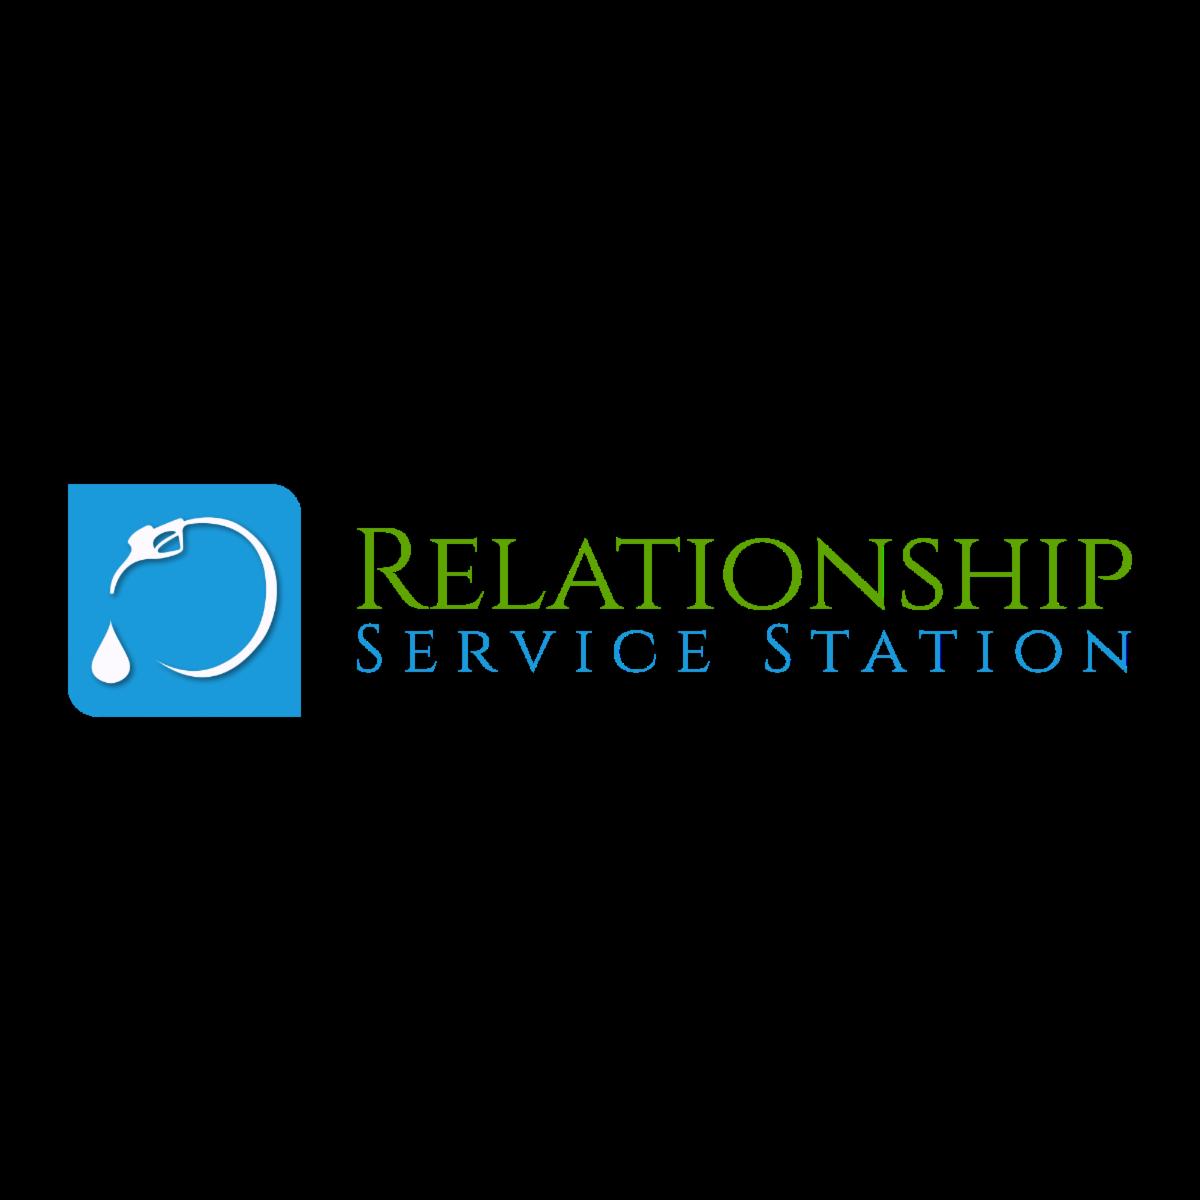 Relationship_Service_Station_Logo_C.png